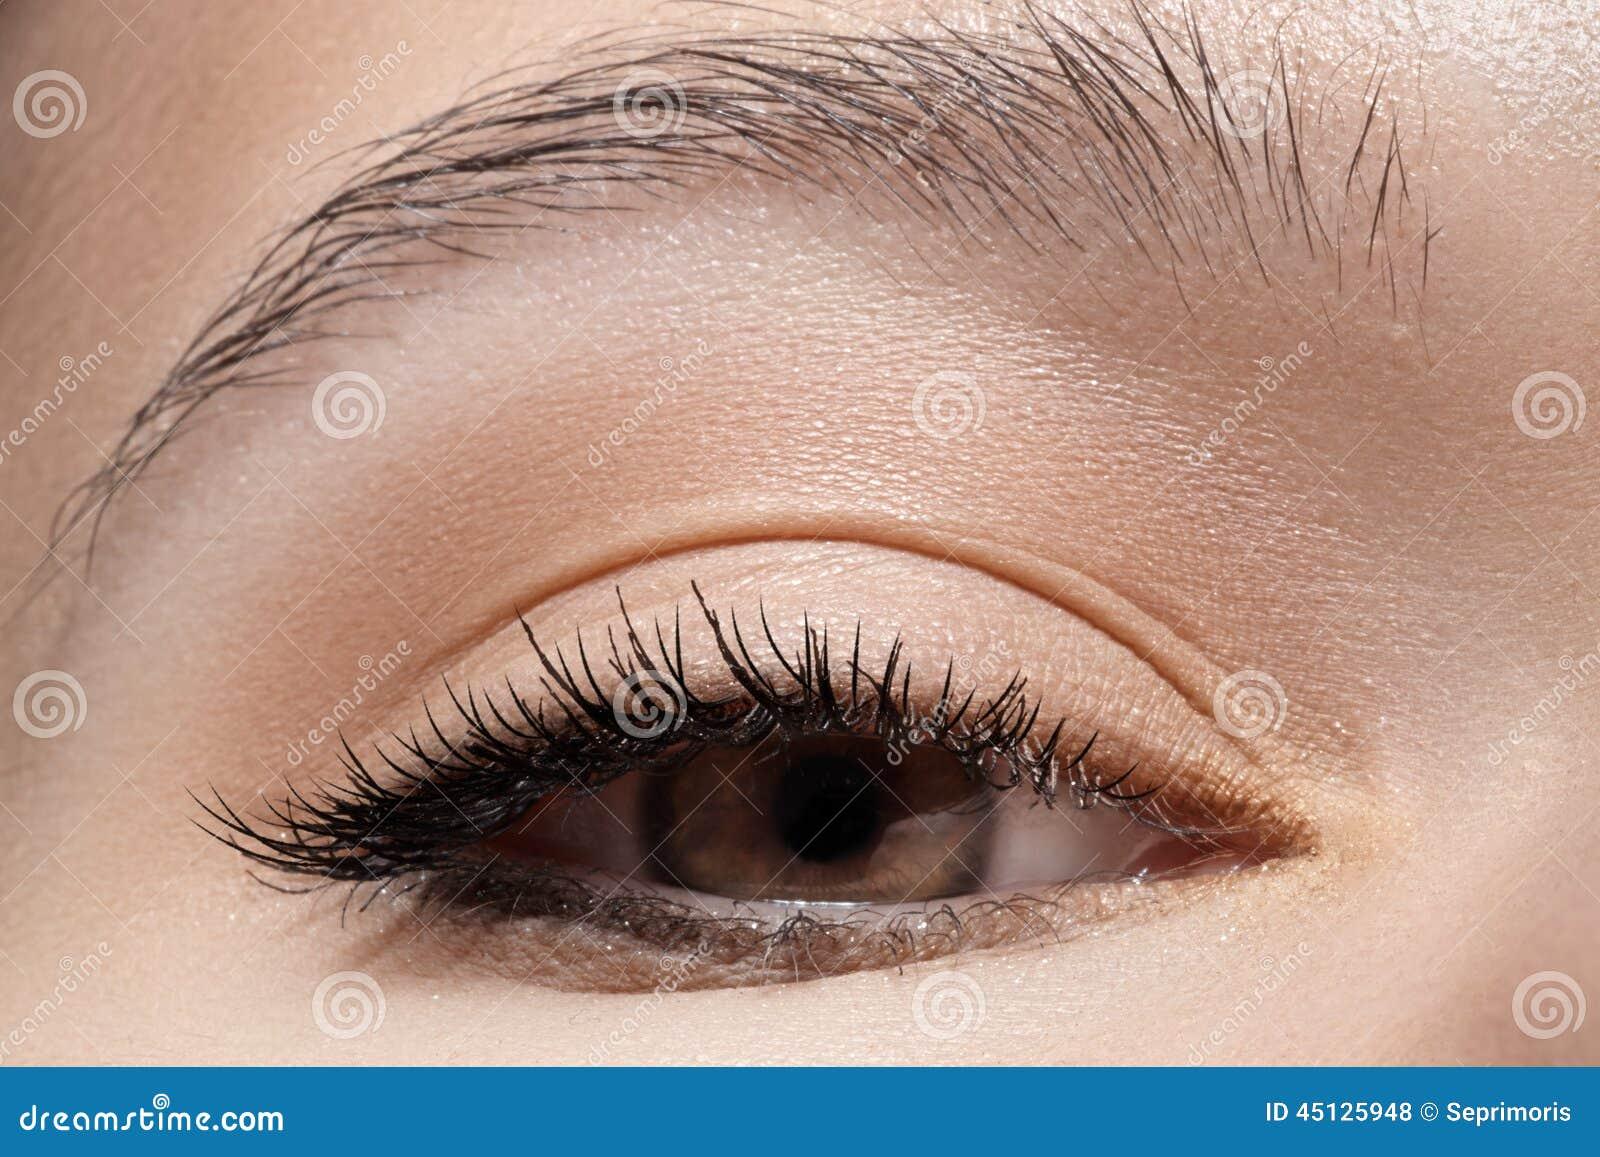 Close-up eye with fashion light make-up, long eyelashes